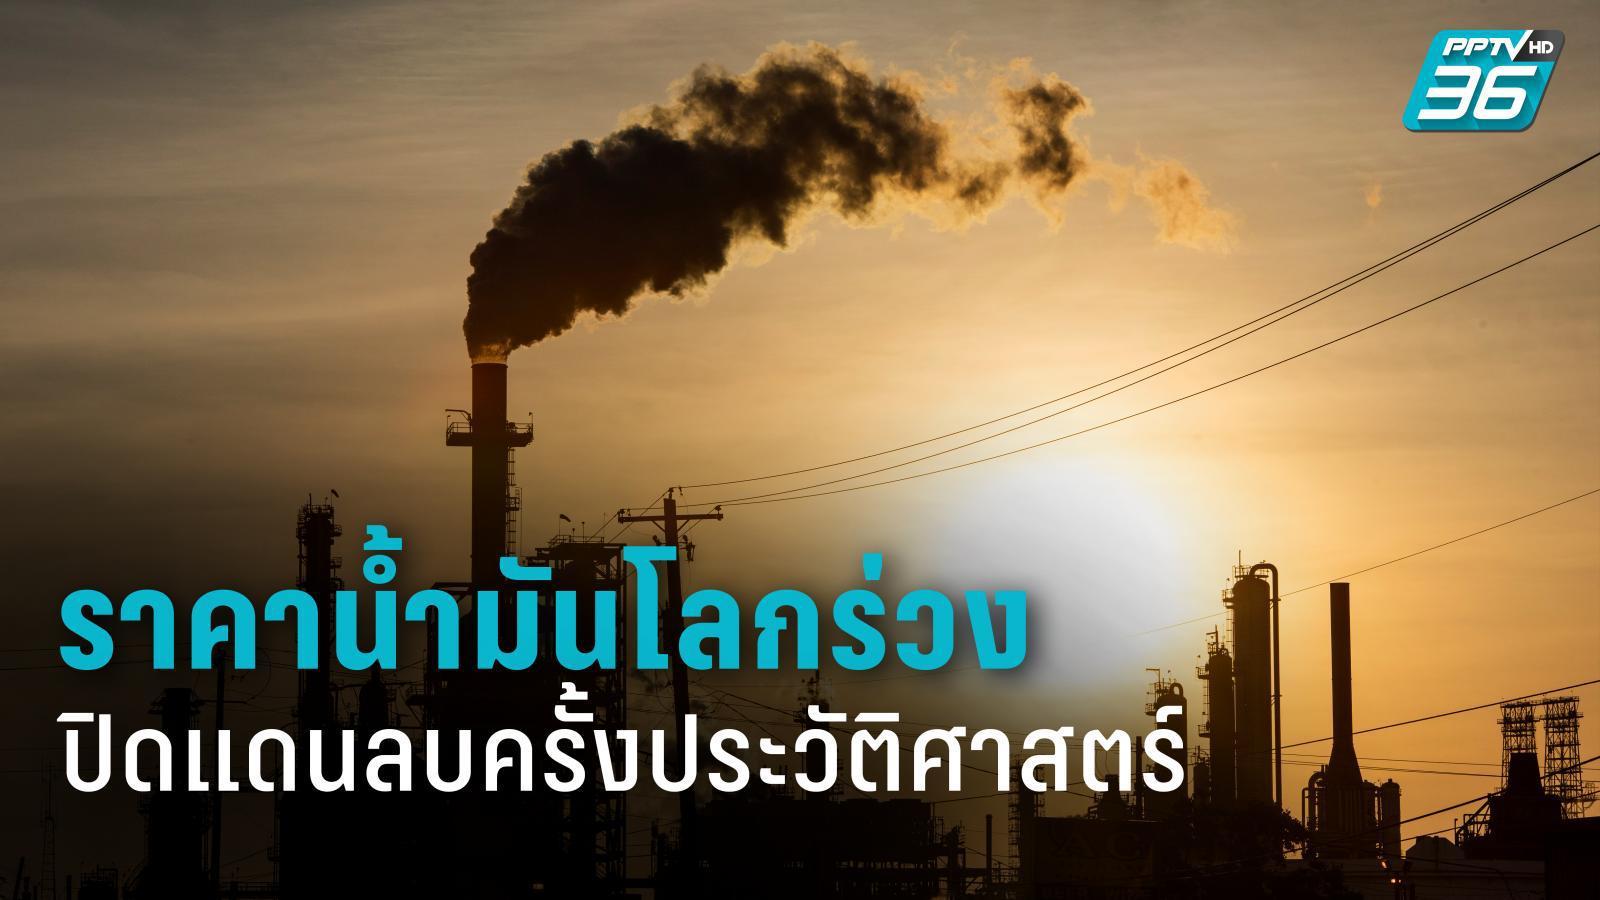 """นักวิชาการ ชี้ ราคาน้ำมันดิ่ง ไม่กระทบไทย ชนวนใหญ่จากโควิด19 ทำ """"น้ำมันล้นโลก"""" ไม่มีที่เก็บ"""